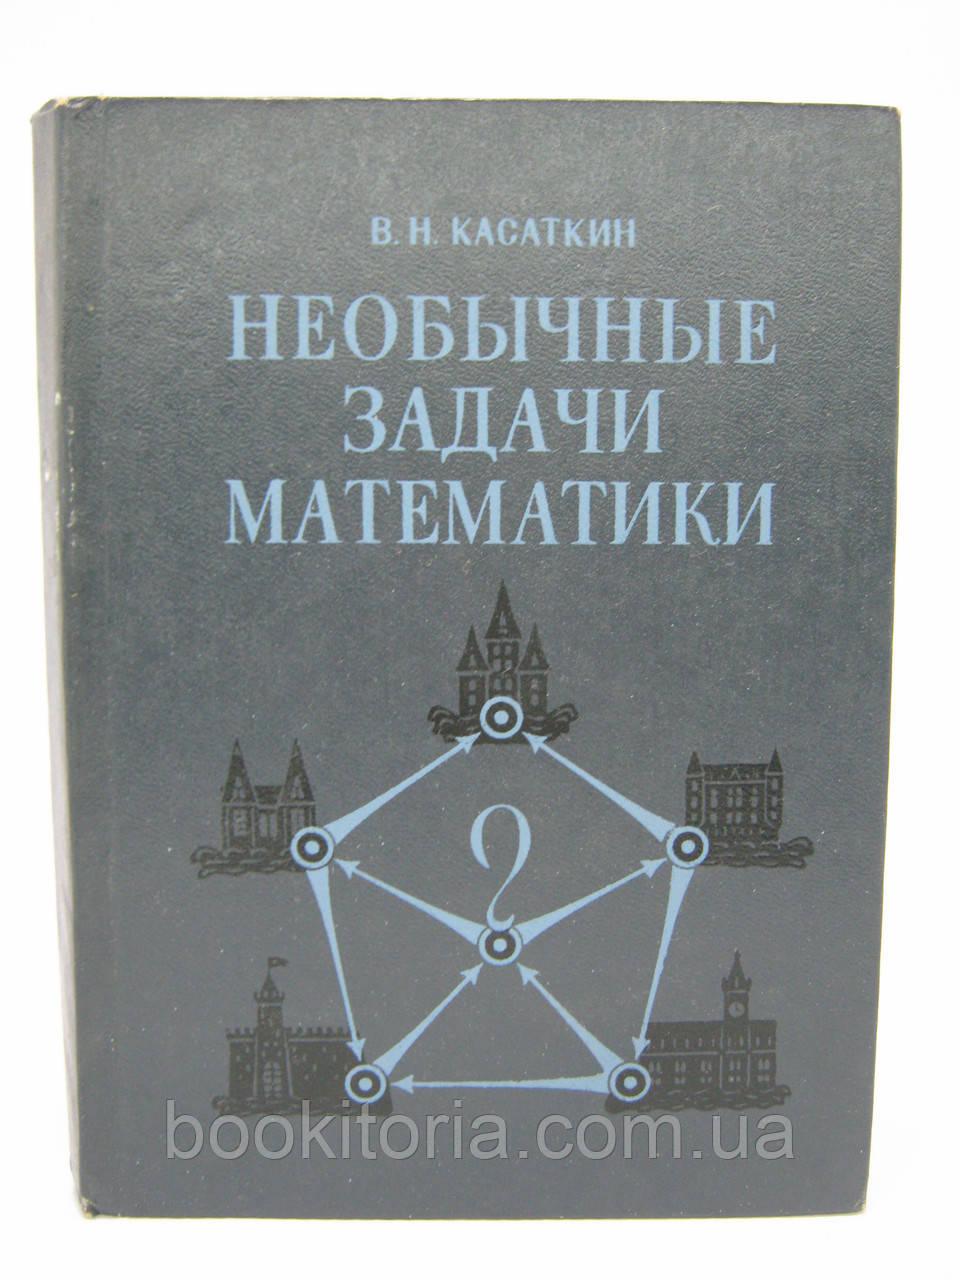 Касаткин В.Н. Необычные задачи математики (б/у)., фото 1